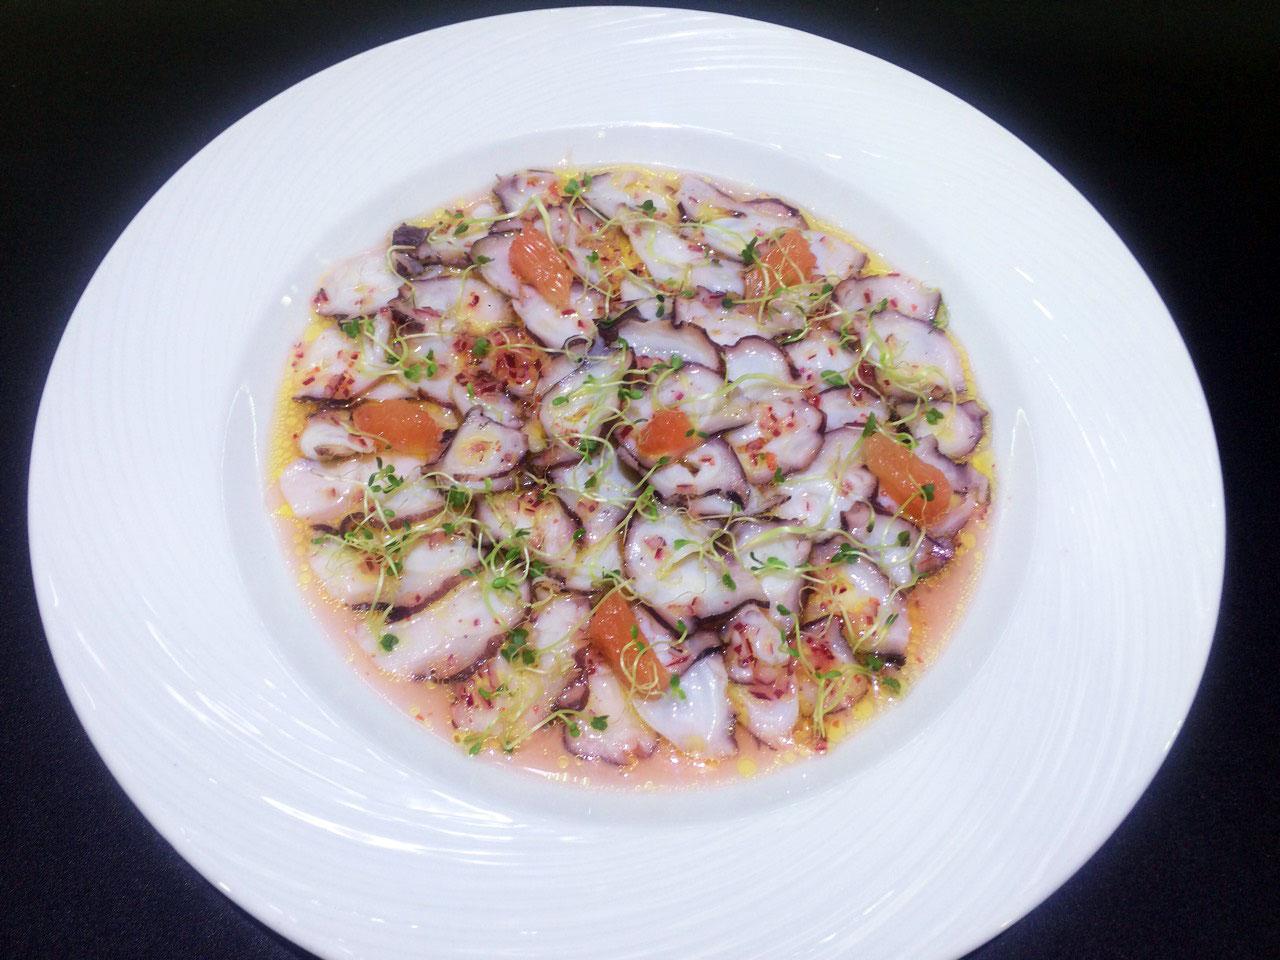 Карпаччо из осьминога - в ресторане Аннам Брахма в Оренбурге